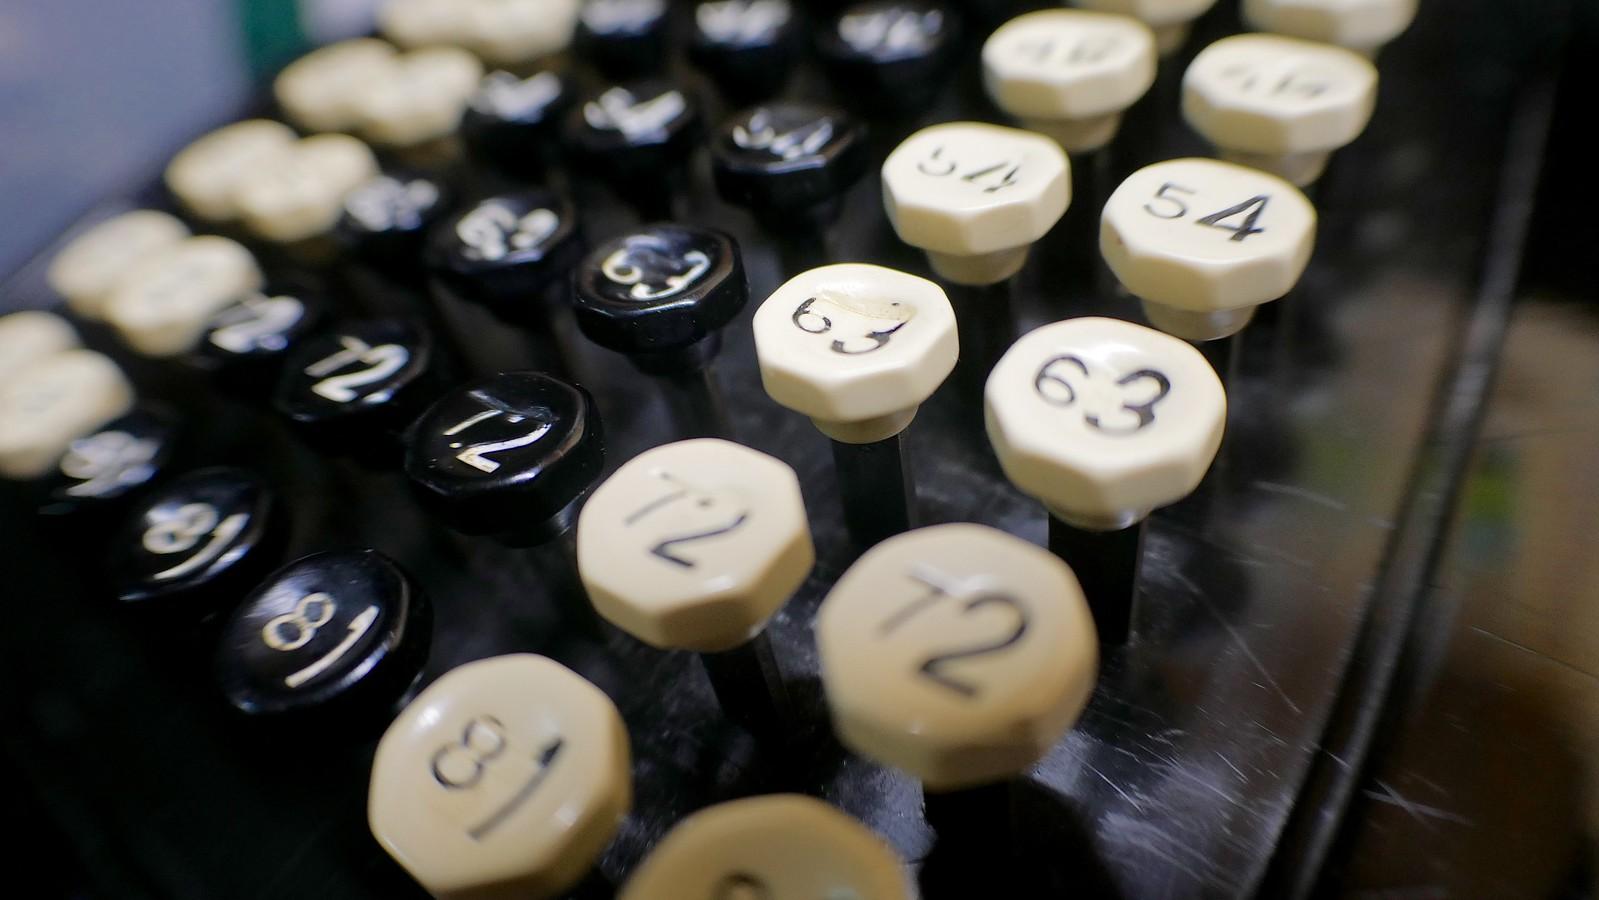 Burroughs Comptometer keyboard